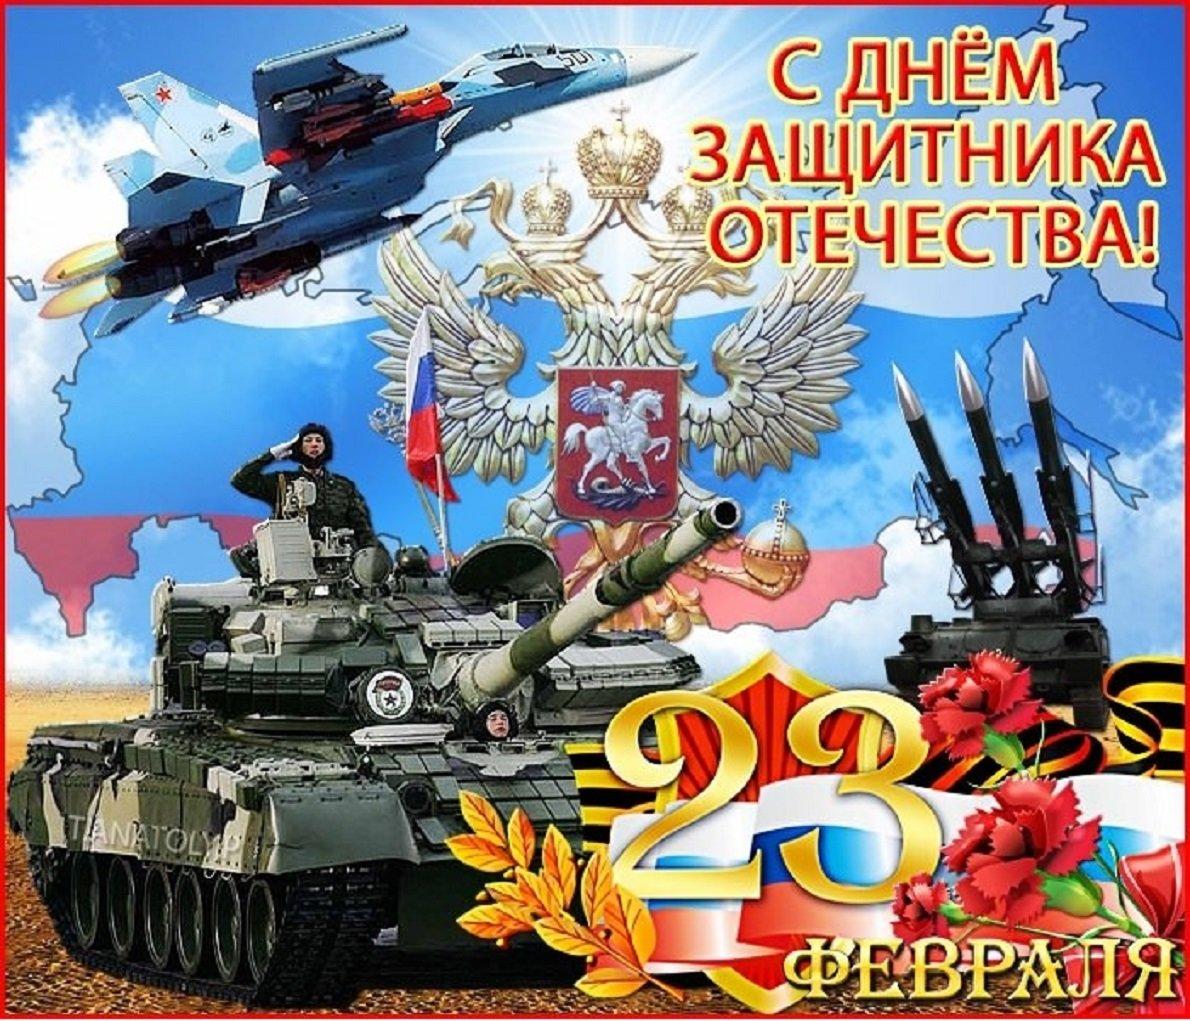 Музыкальное открытки с днем защитника отечества